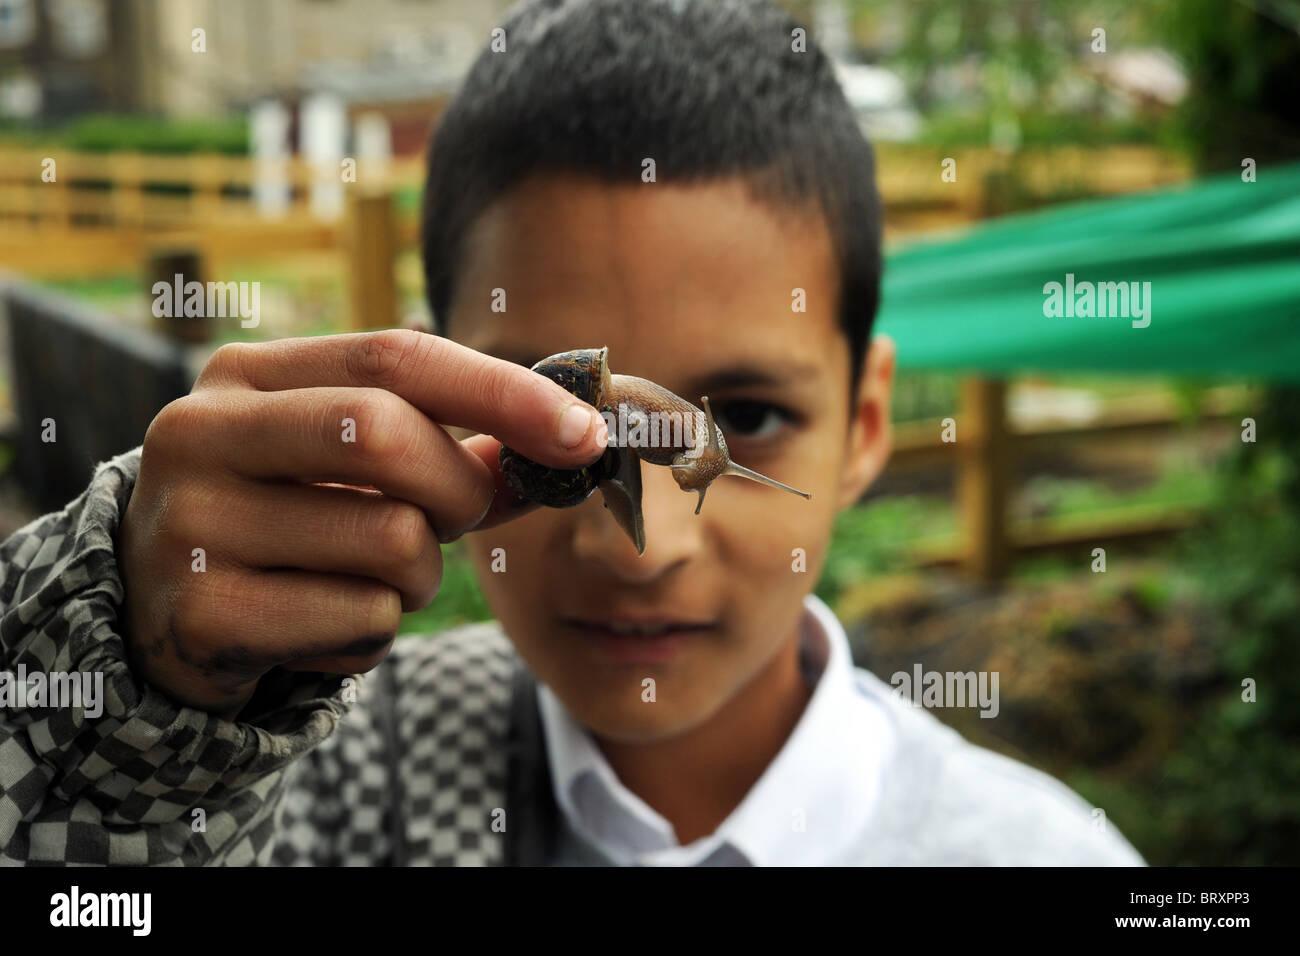 Un bambino studia un giardino va a passo di lumaca sollevandolo, come parte dell'esperienza di giardinaggio Immagini Stock